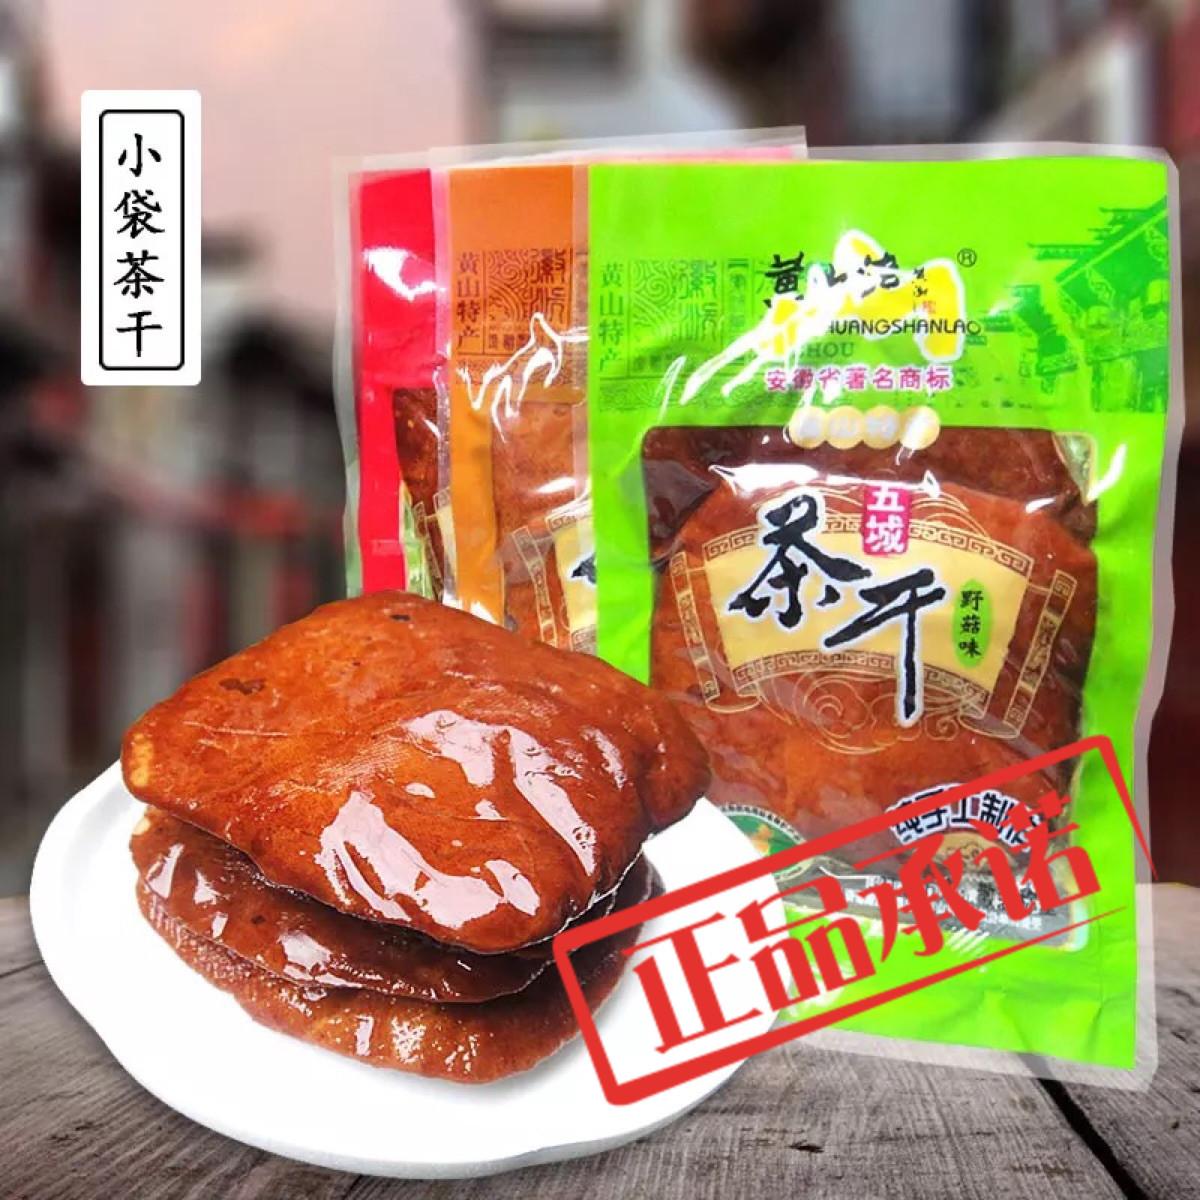 30包黄山五城豆腐干茶干零食独立装休宁五香麻辣虾仁香菇火腿包邮